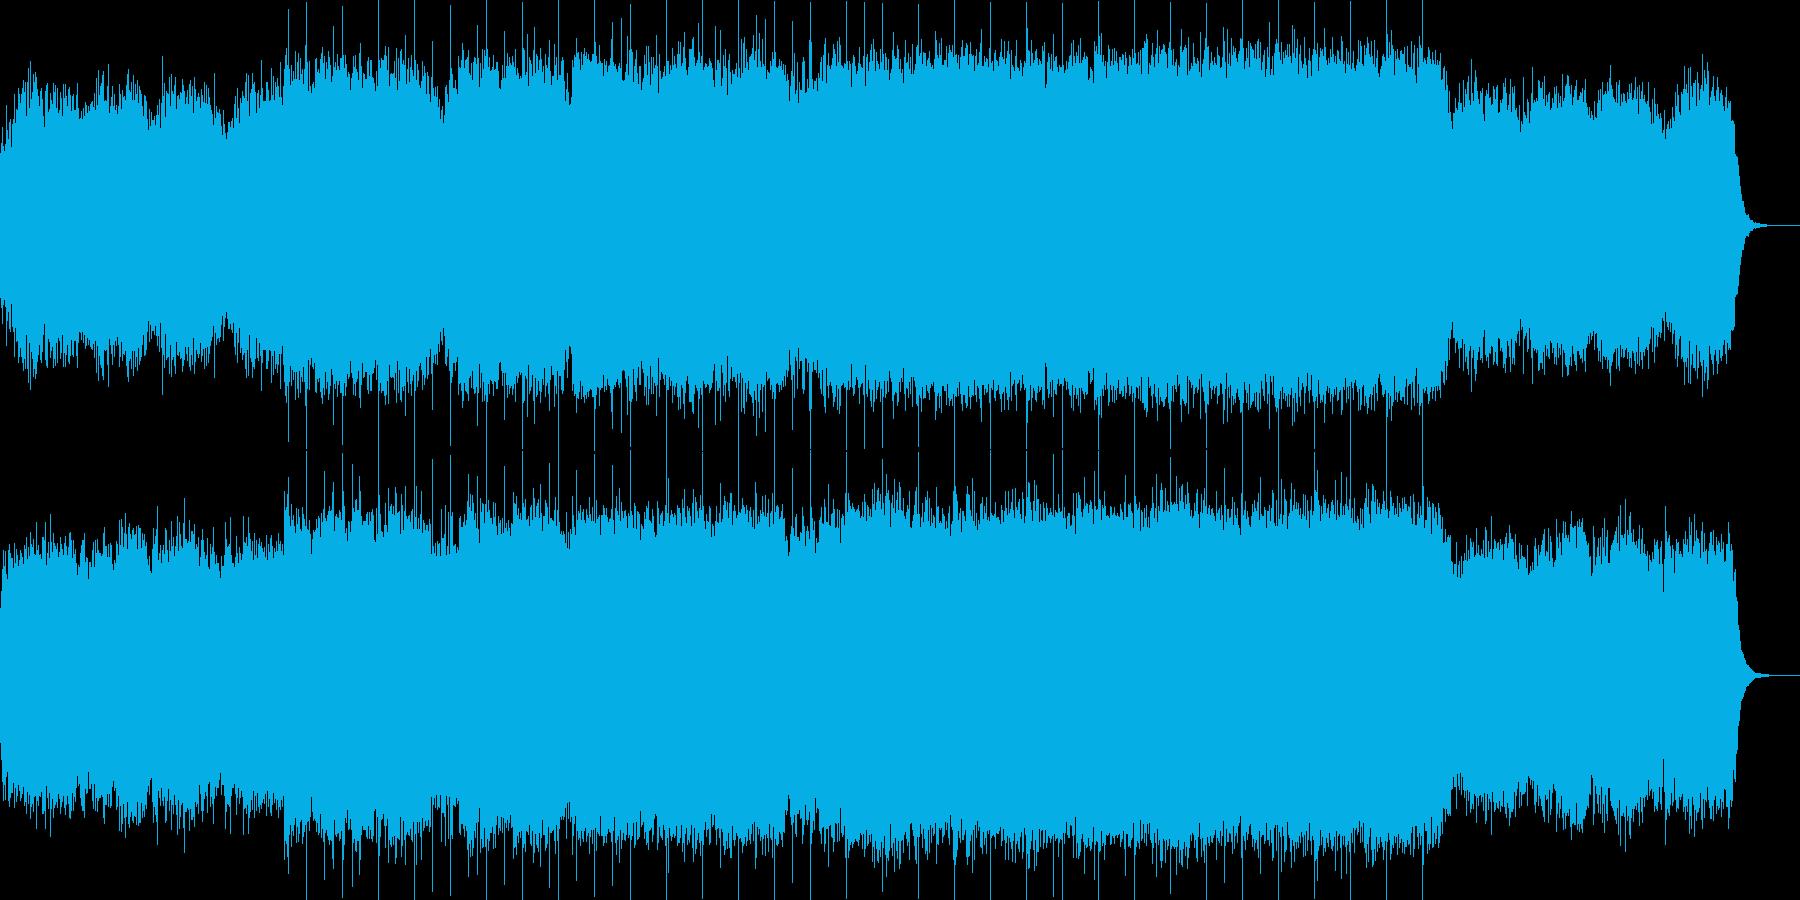 ストリングスが印象付ける幻想的な楽曲の再生済みの波形